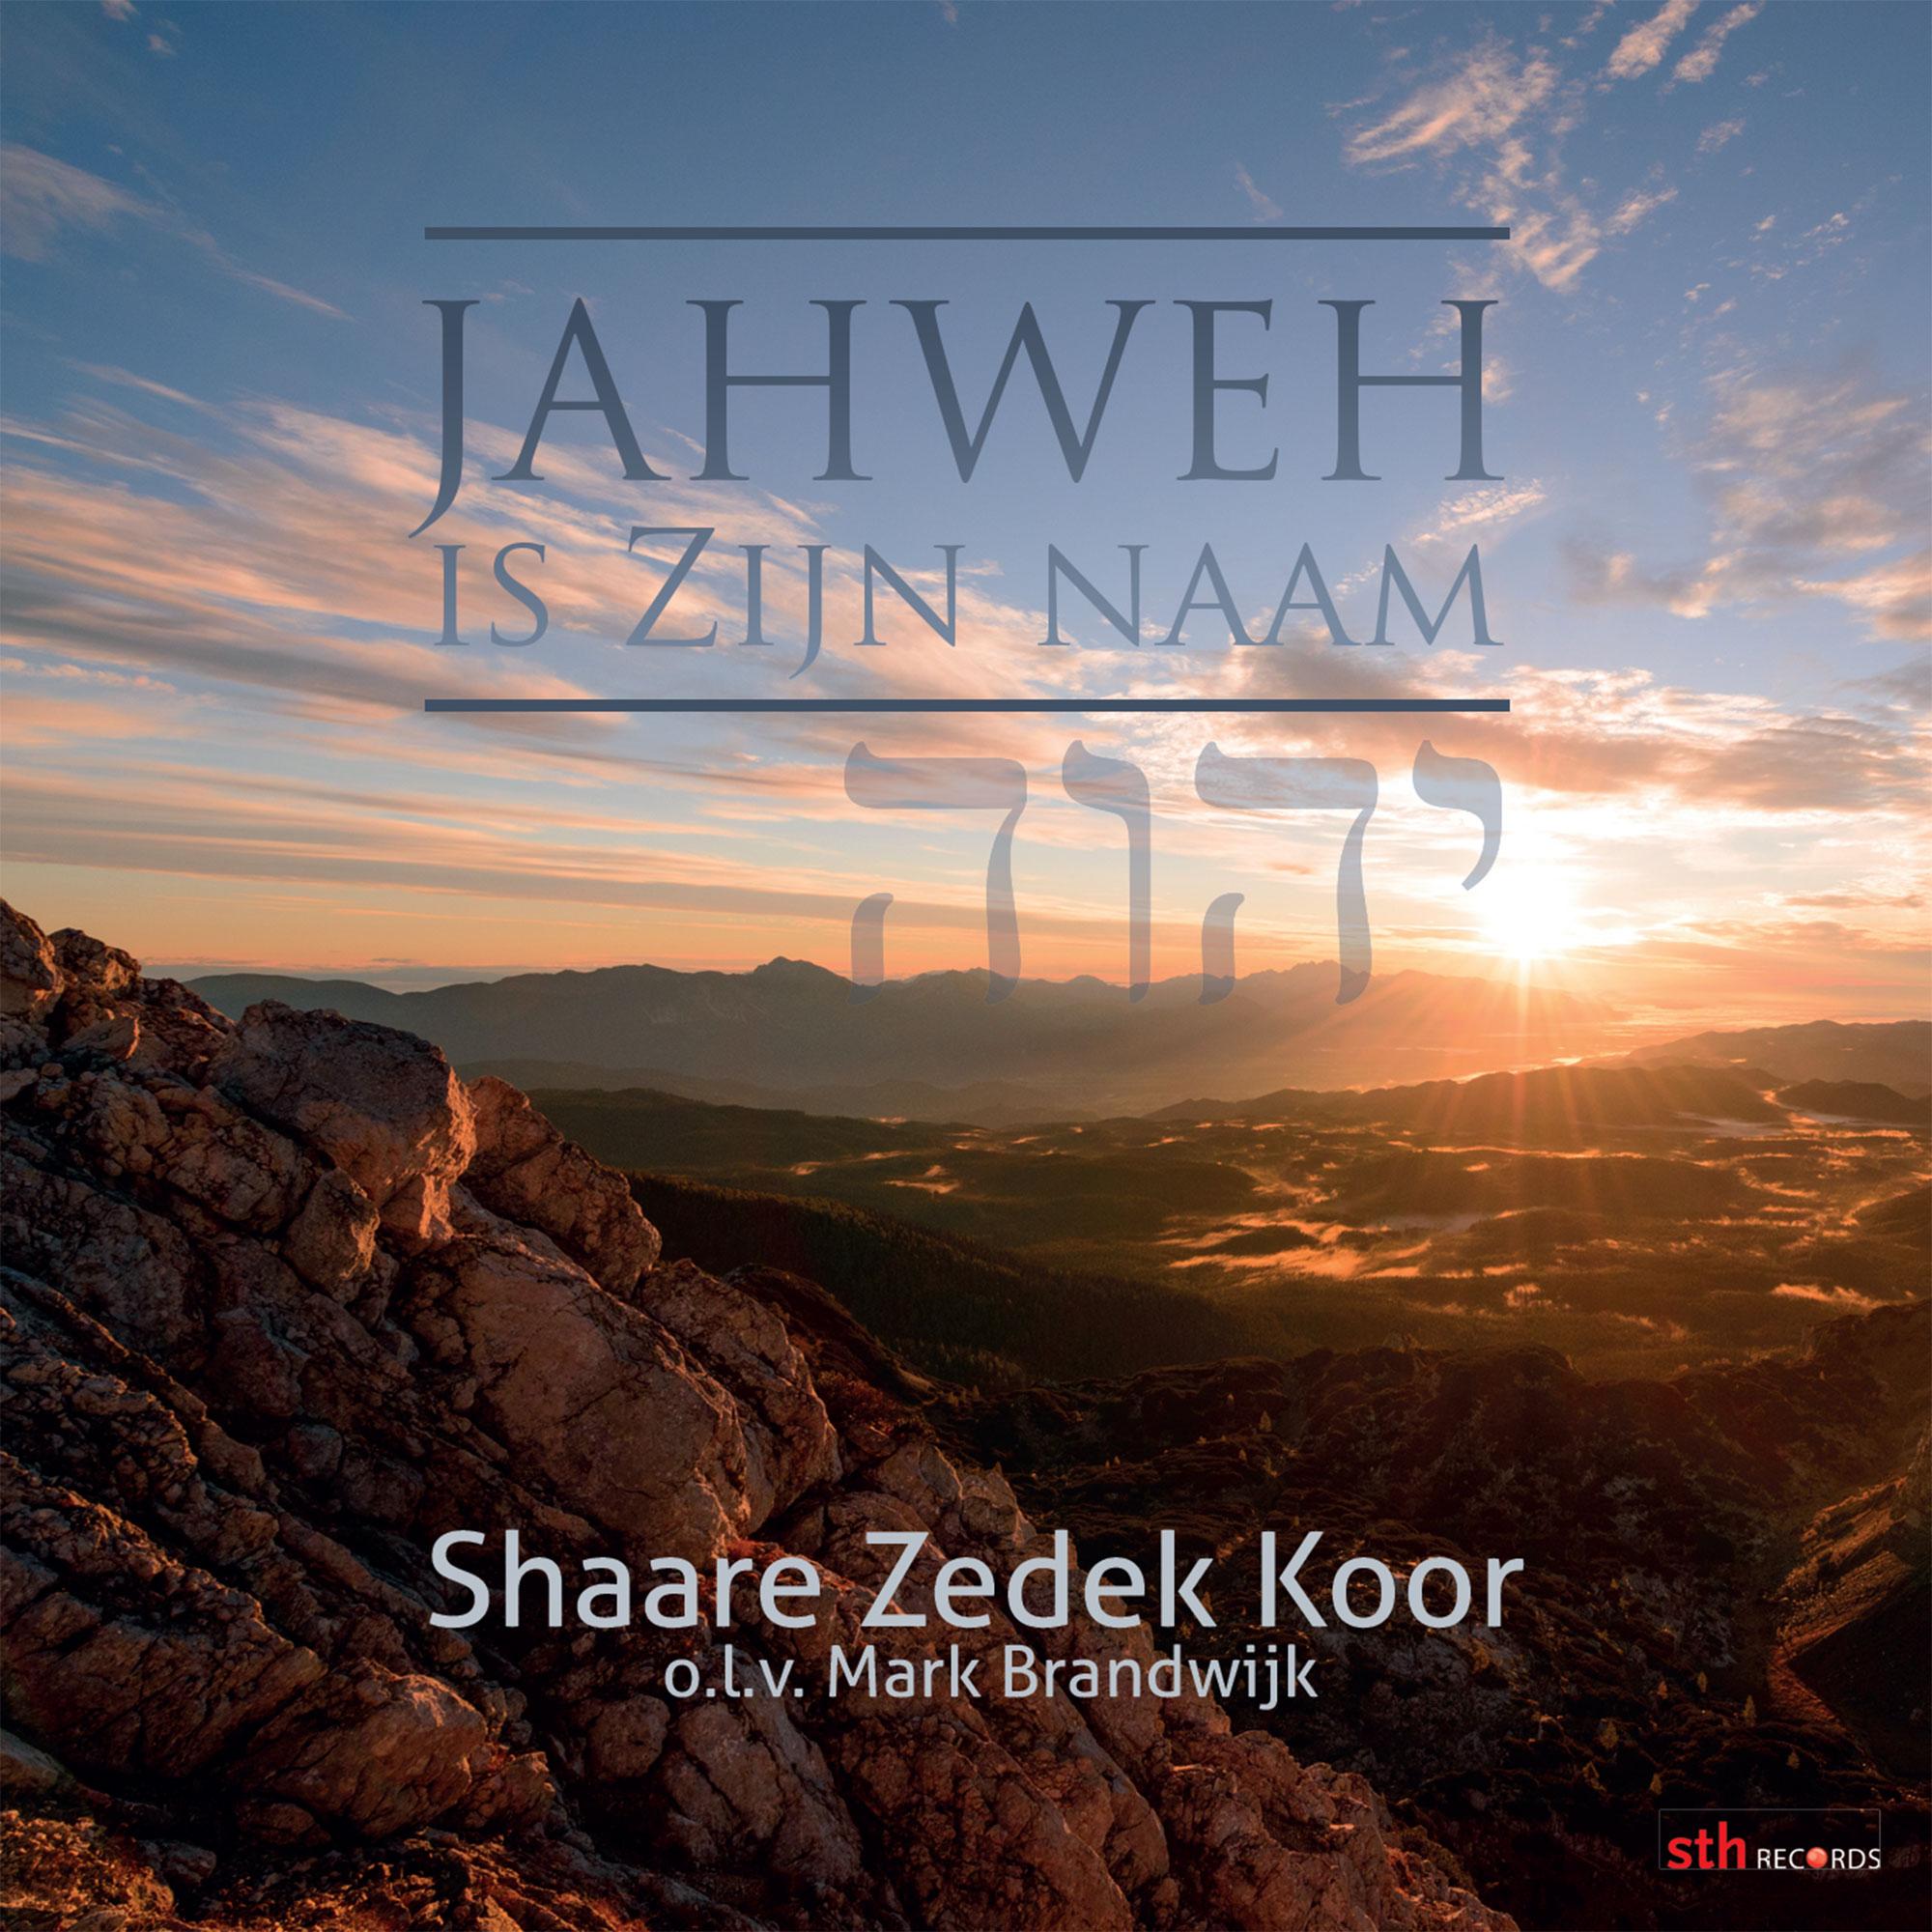 Jahweh is Zijn naam